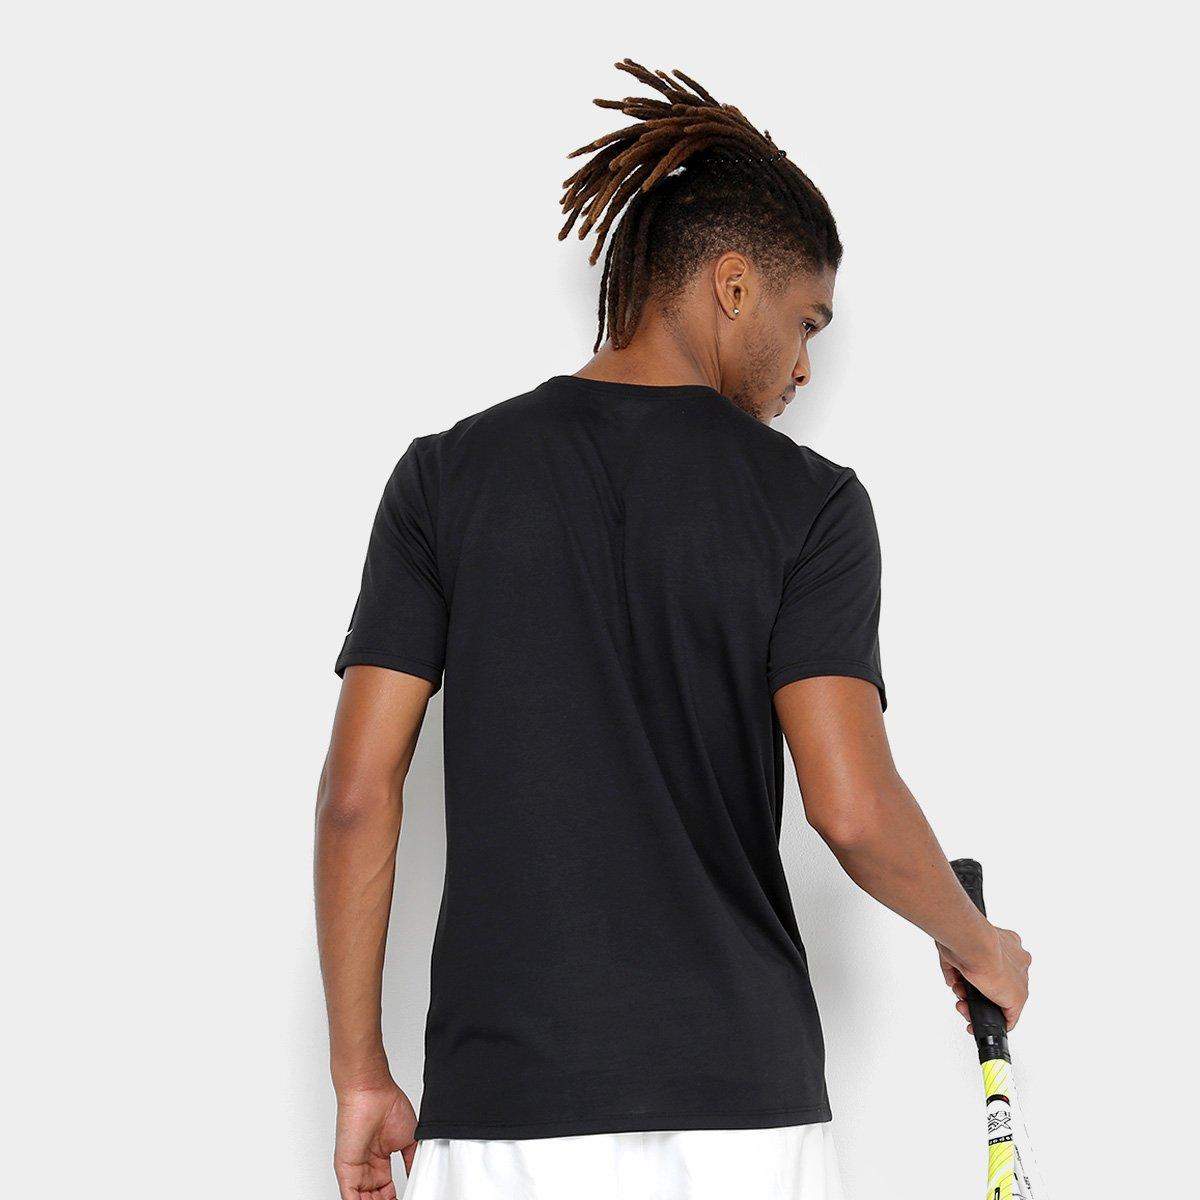 Camiseta NikeCourt Dry Rafa Masculina  Camiseta NikeCourt Dry Rafa  Masculina ... 26f092ca72f72